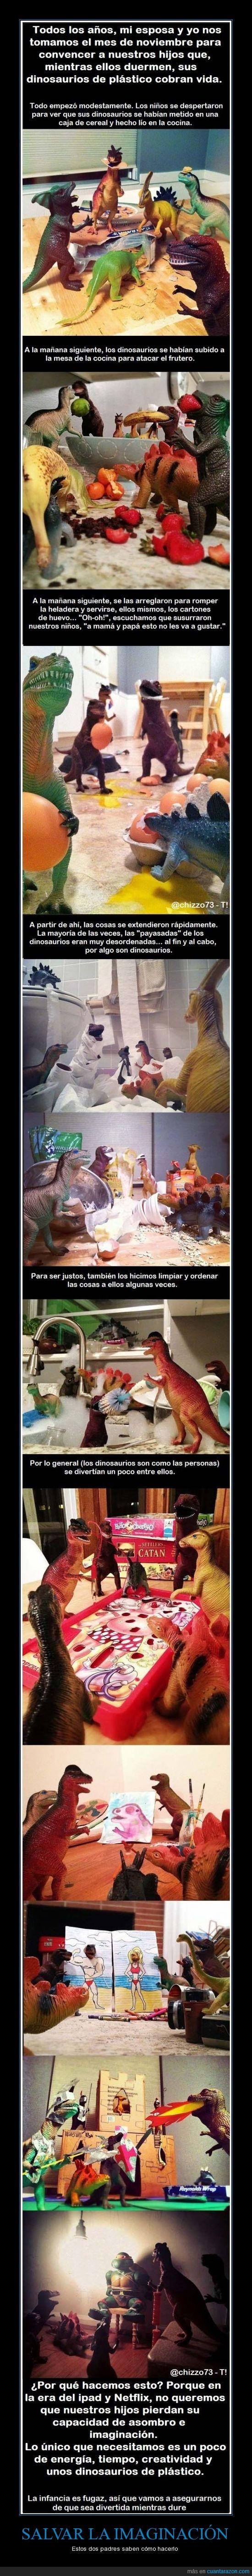 casa,dinosaurios,imaginación,ipad,muñecos,padres,salvar,tecnología